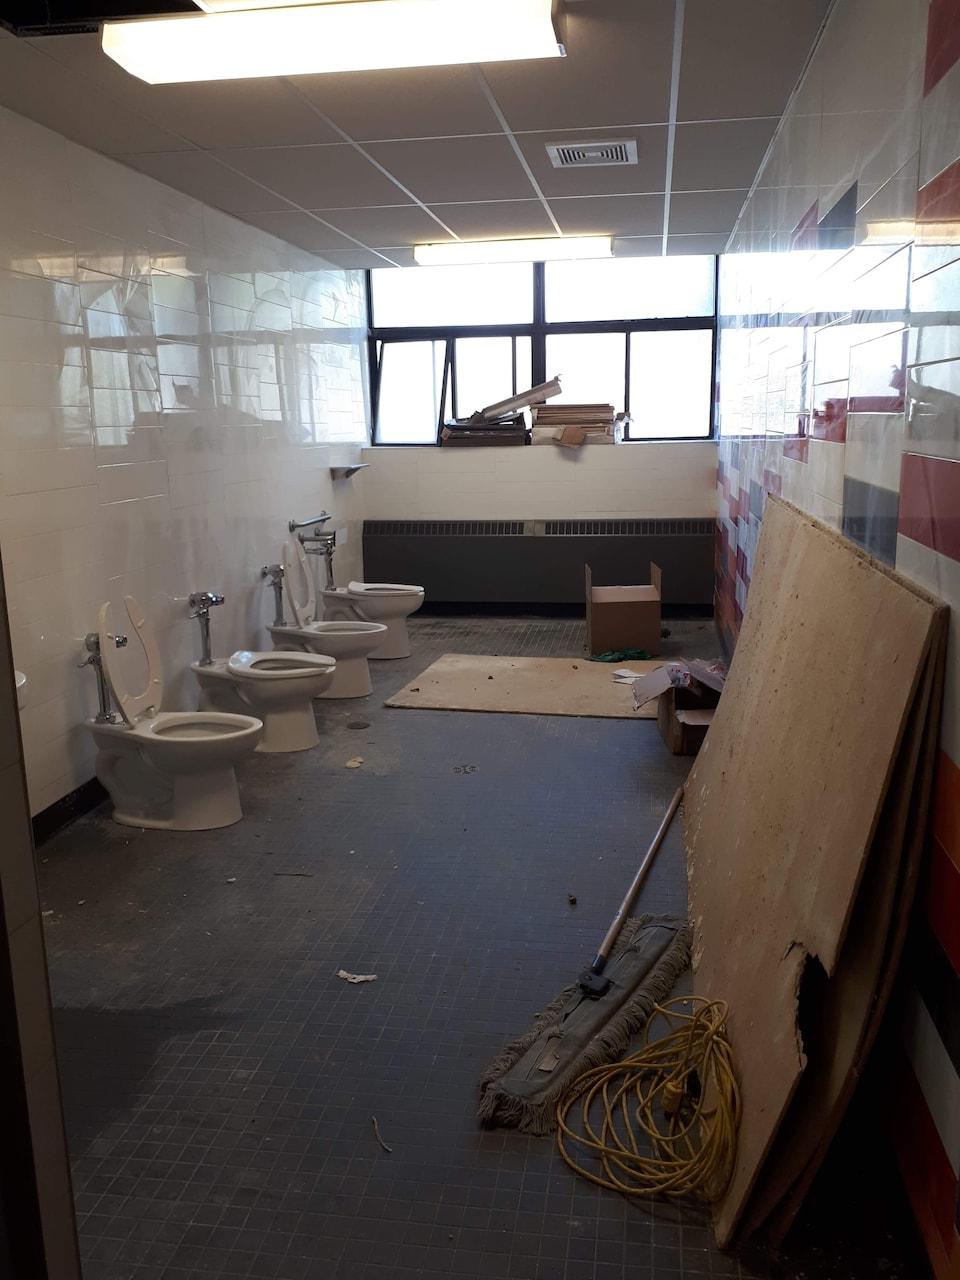 Des travaux en cours dans une salle de bain.